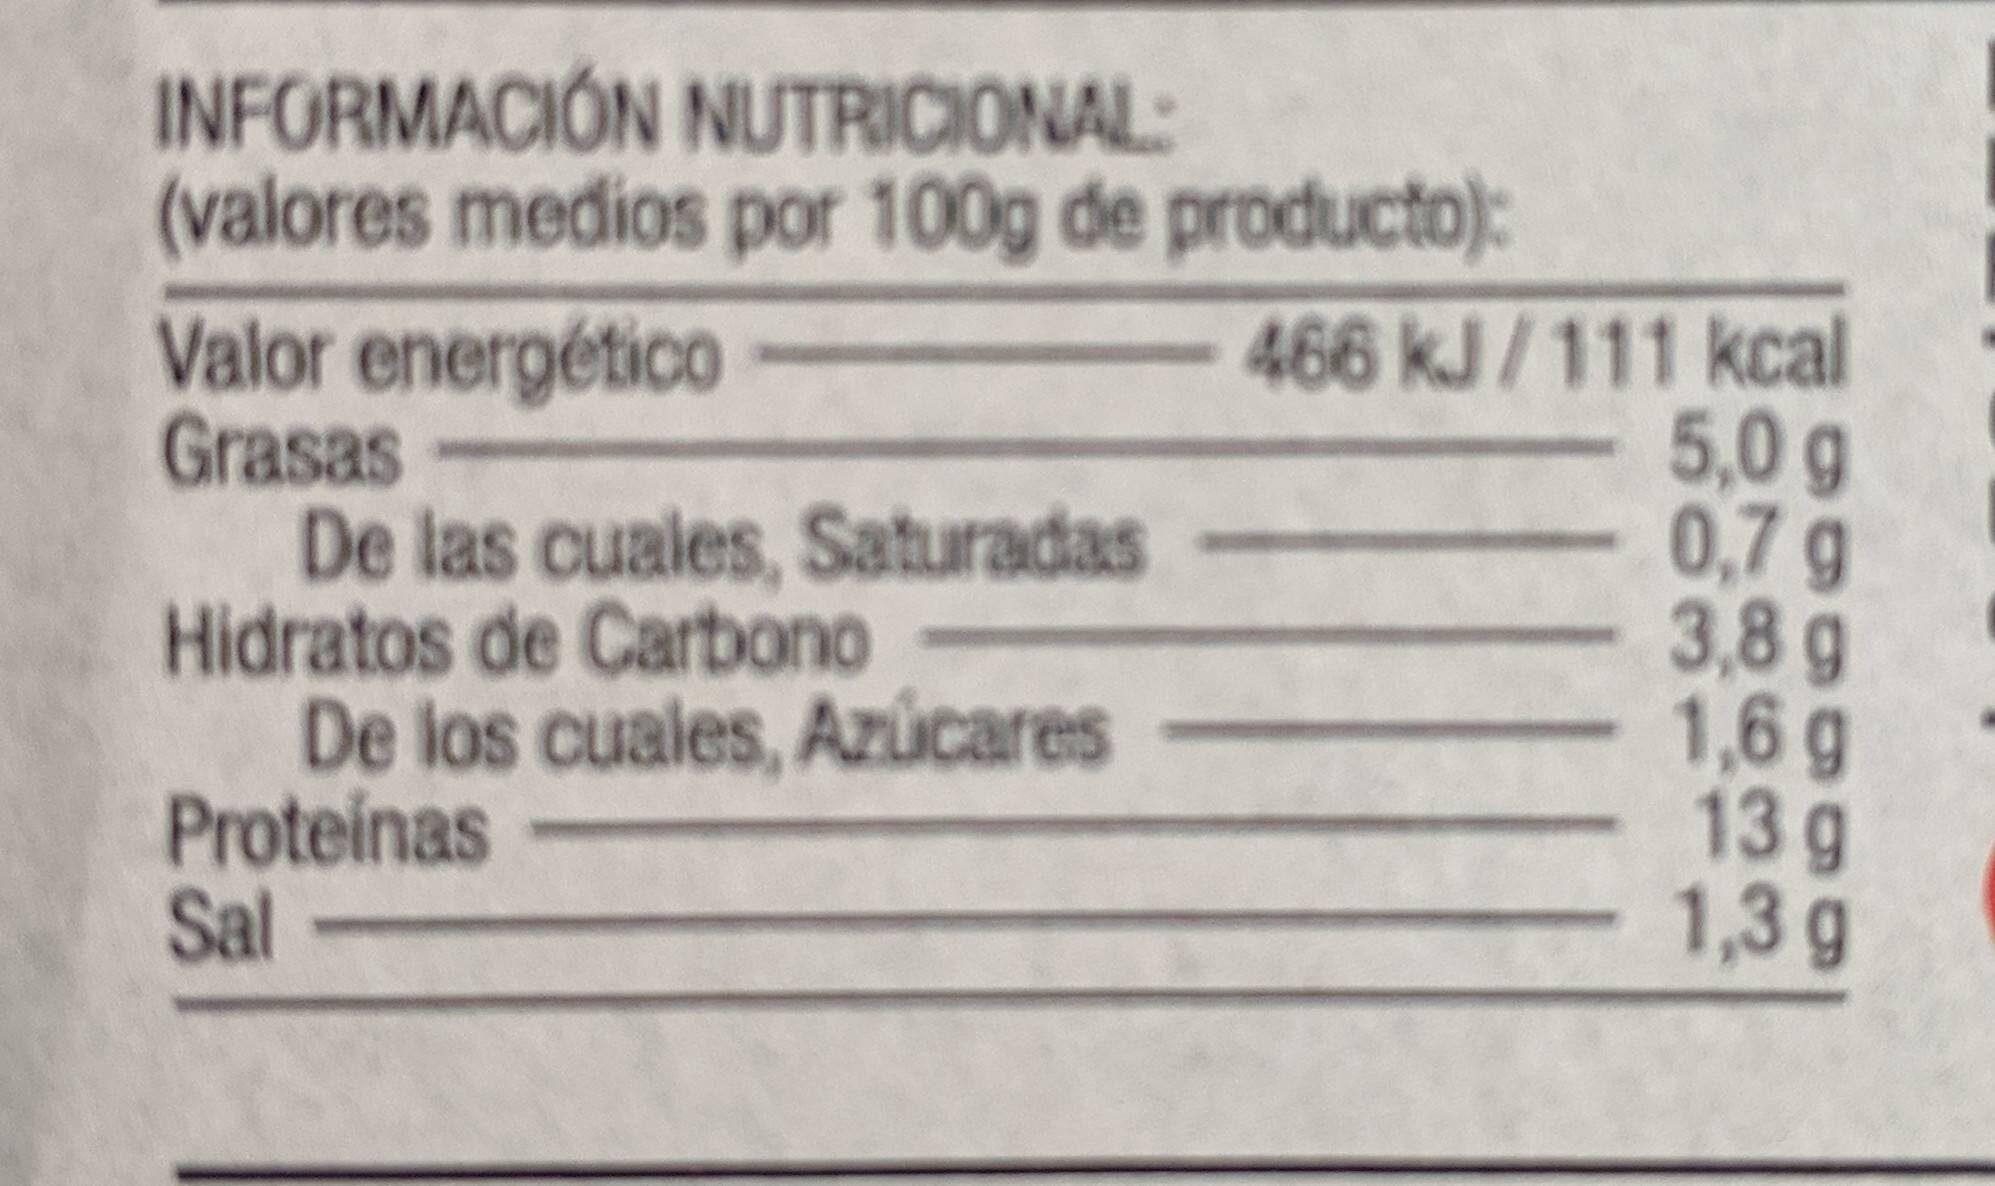 Mejillones en salsa vieira - Nutrition facts - fr